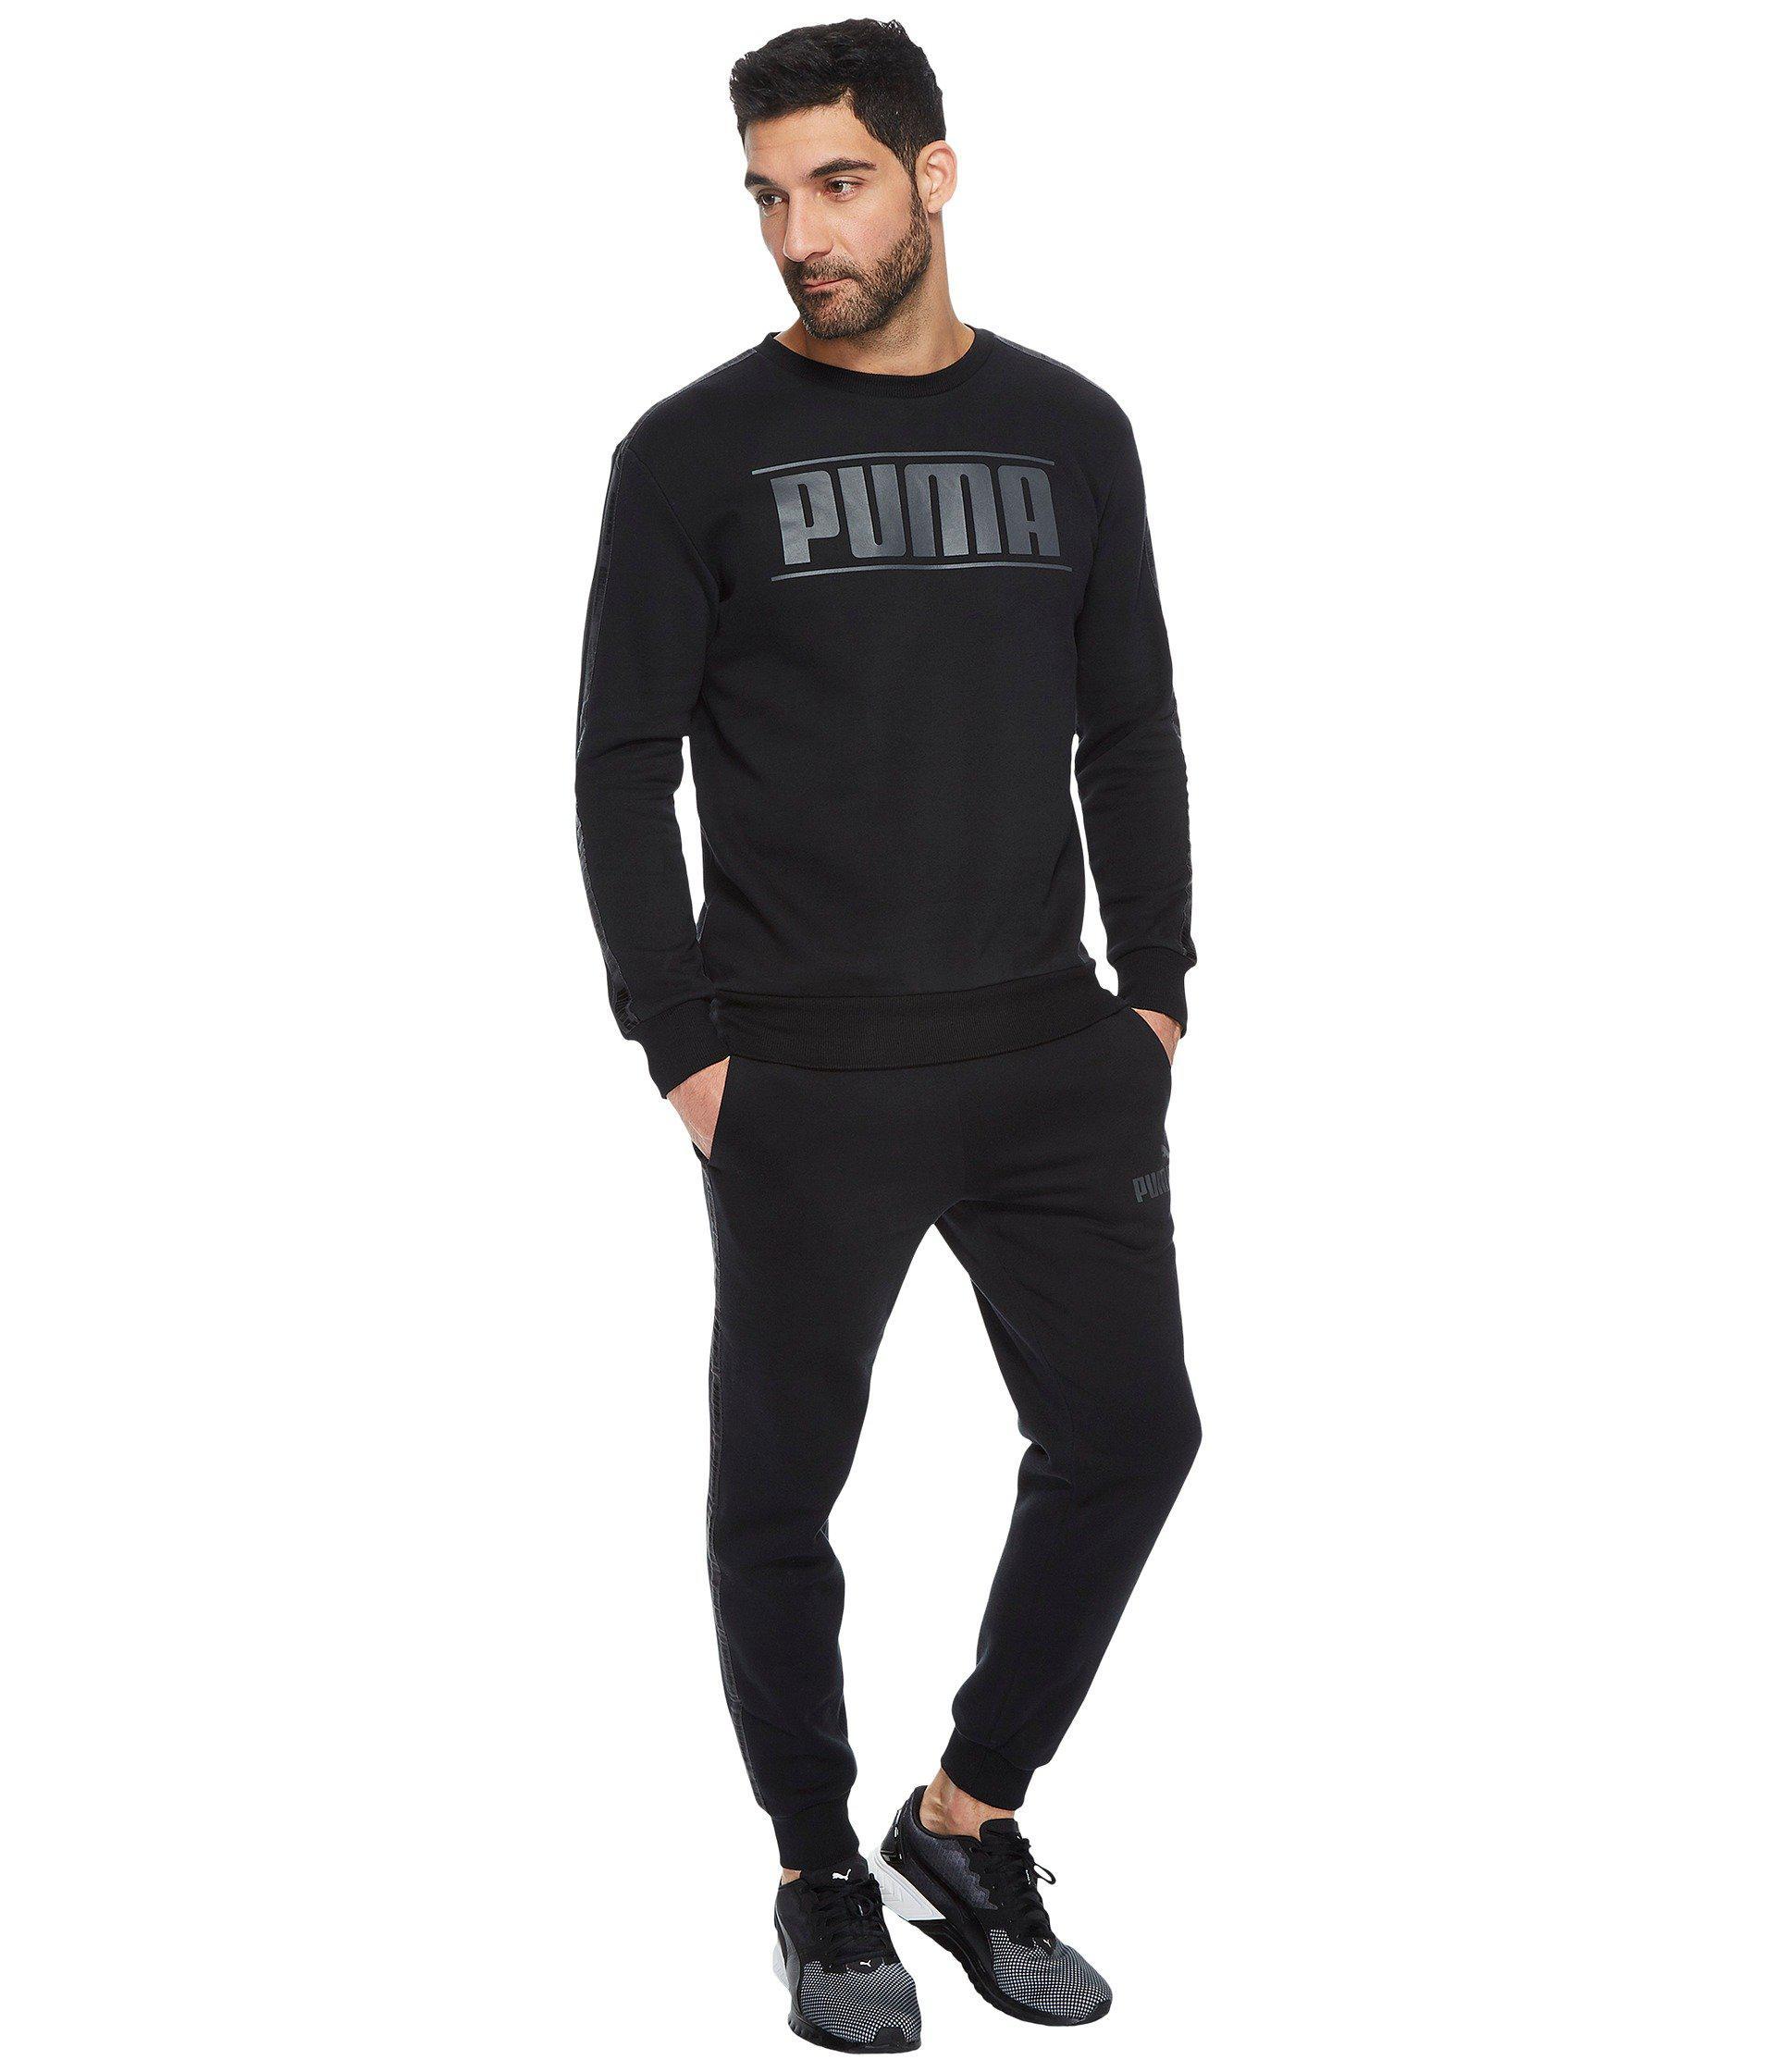 Fleece For Men Puma Rebel Black In Lyst Tape Crew 0IPwqOITx